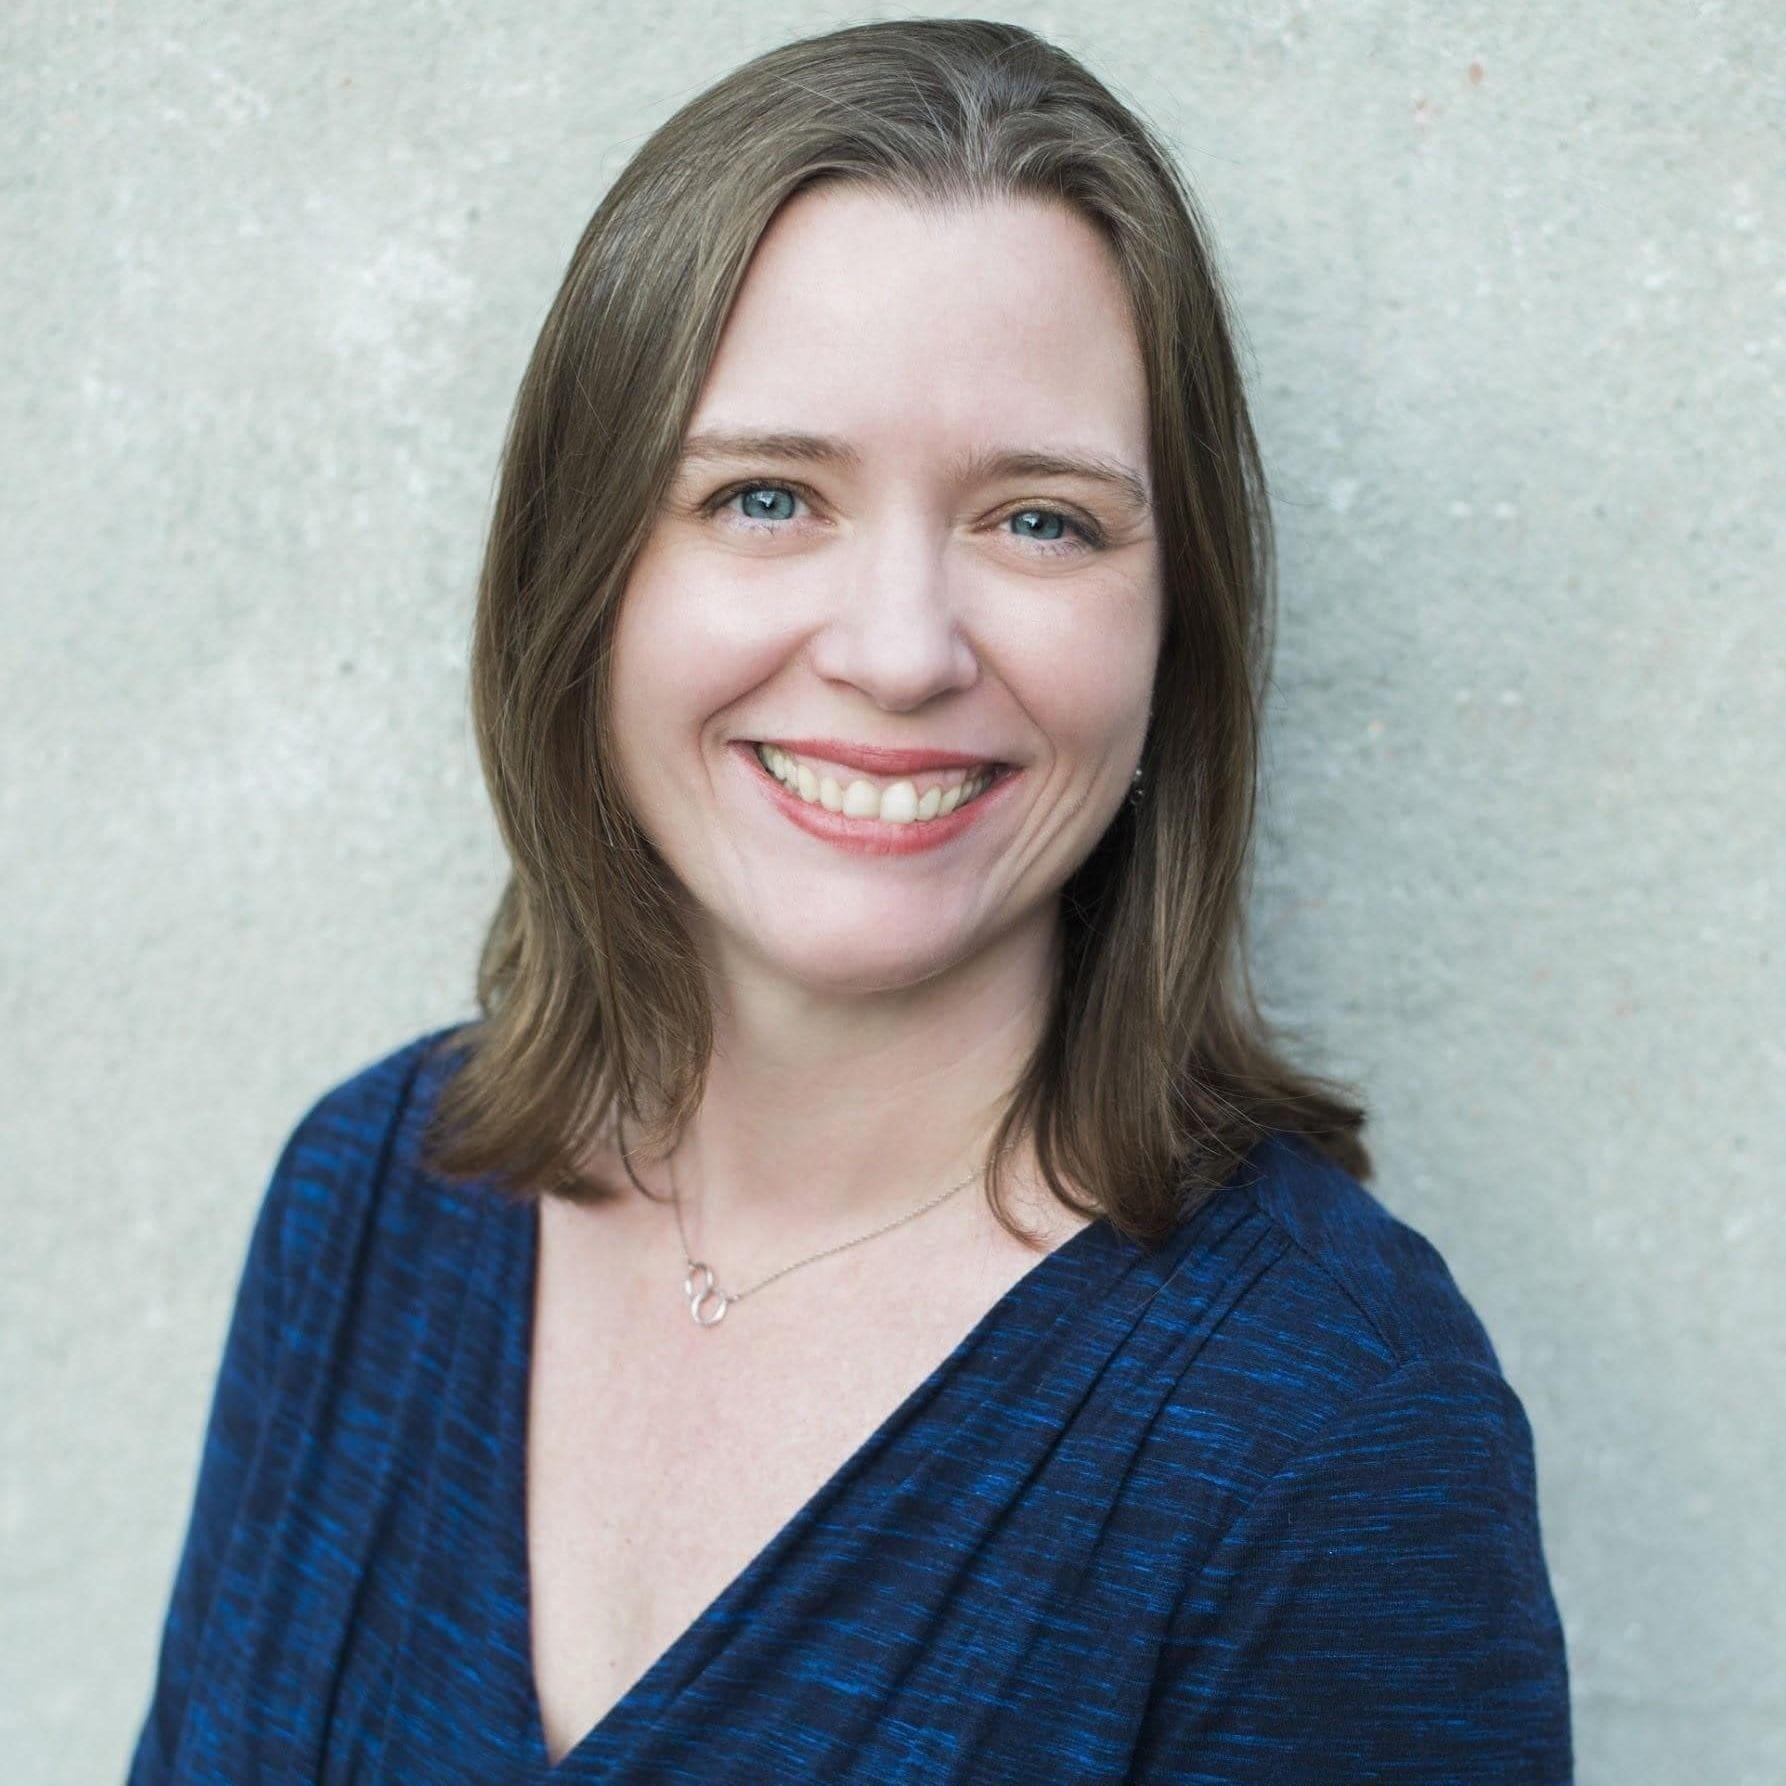 Kate Rademacher